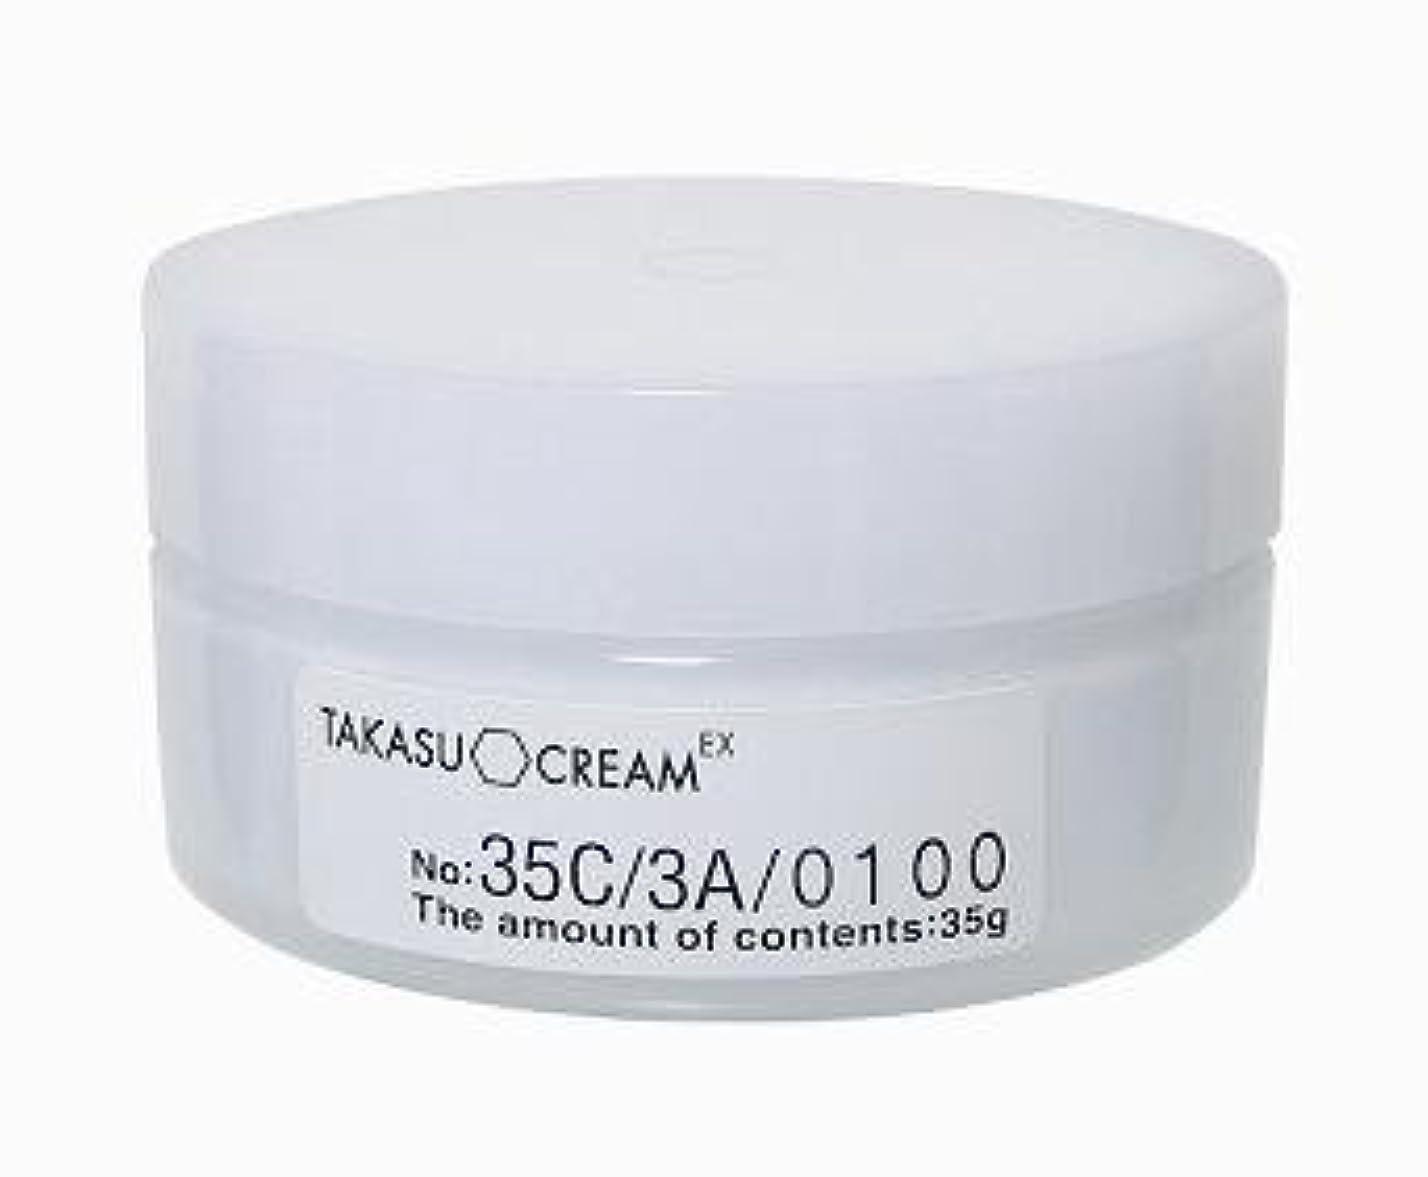 包括的わずらわしい型タカスクリニックラボ takasu clinic.lab EGF配合 タカス クリーム(TAKASU CREAM EX)〈クリーム〉